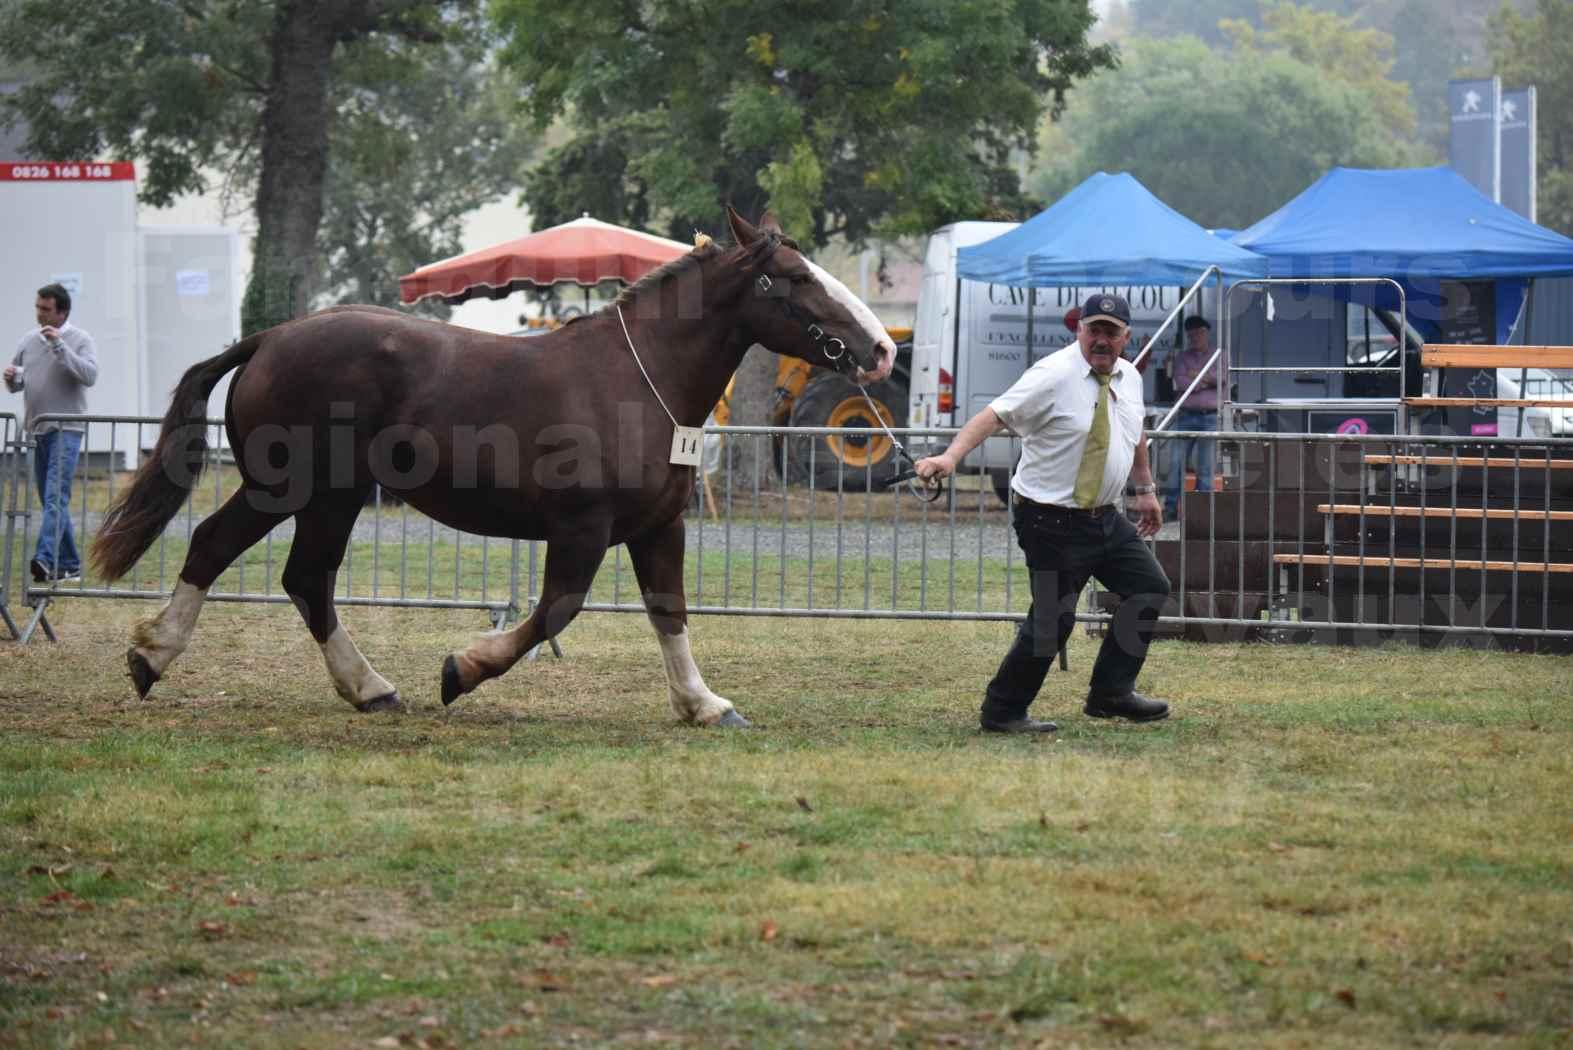 Concours Régional de chevaux de traits en 2017 - Trait BRETON - FRIVOLE DU JAUDY - 03